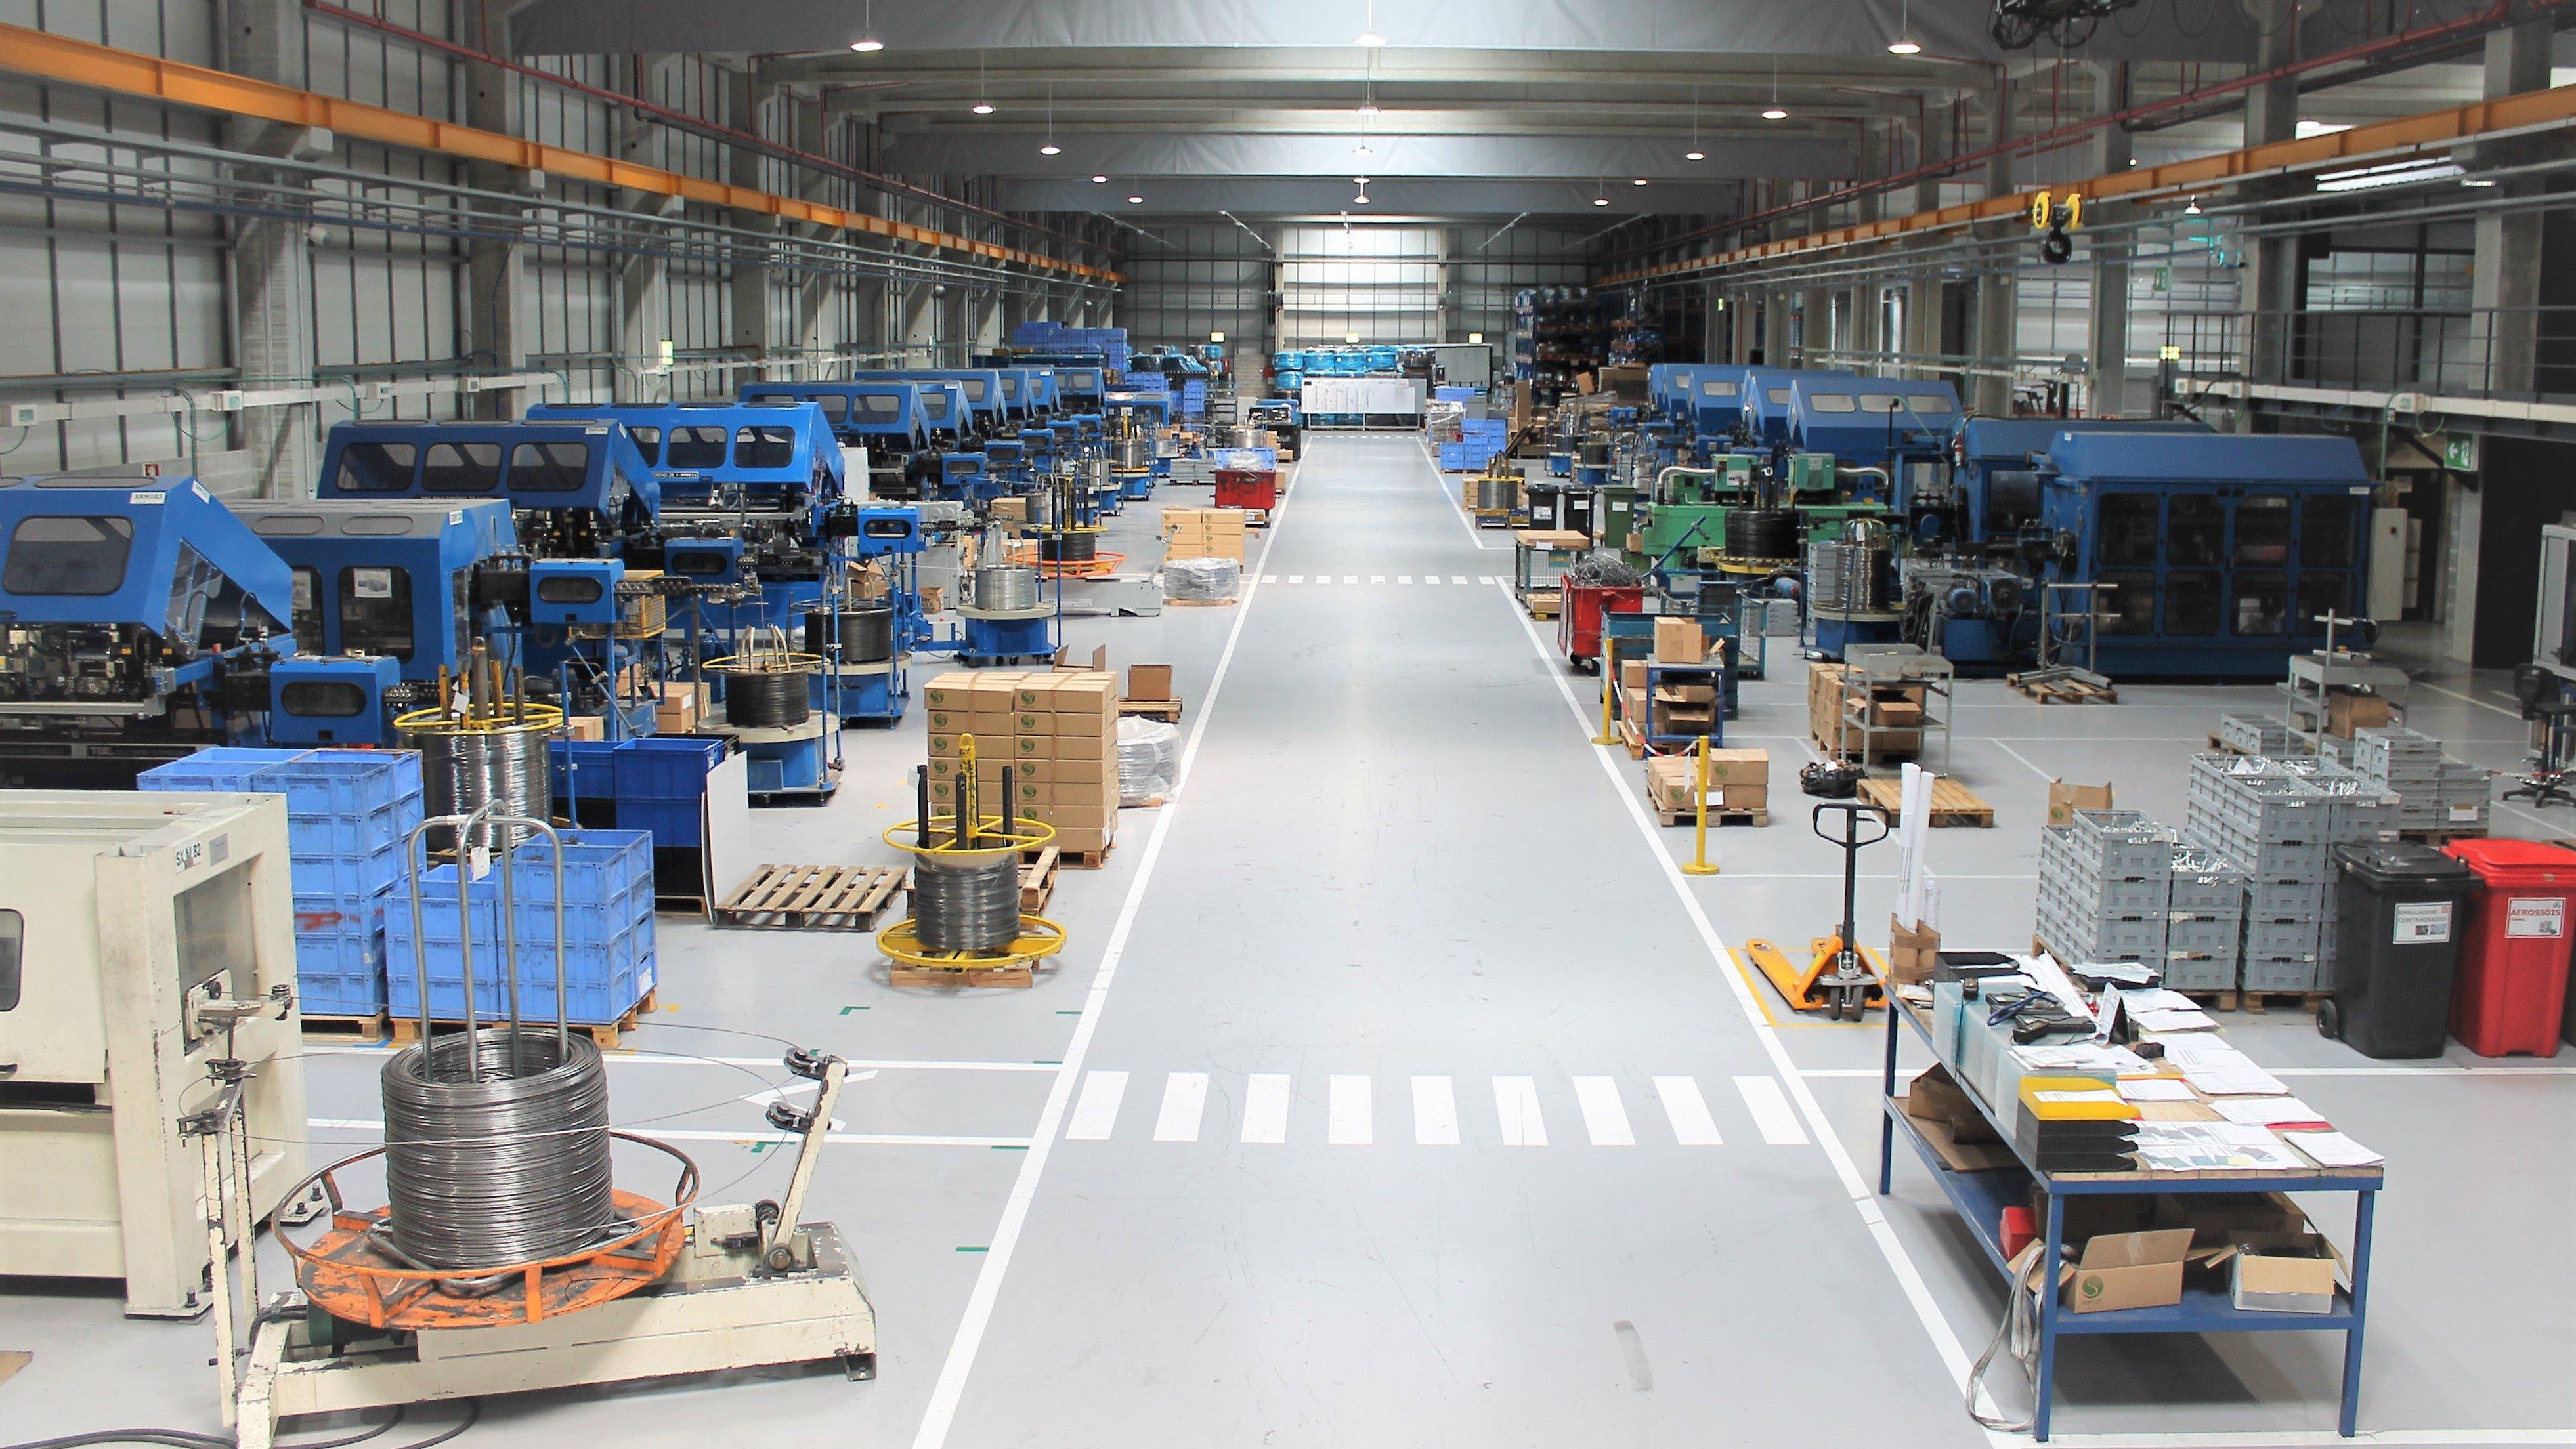 Firma Sinflex spełnia różnorodne potrzeby branży motoryzacyjnej